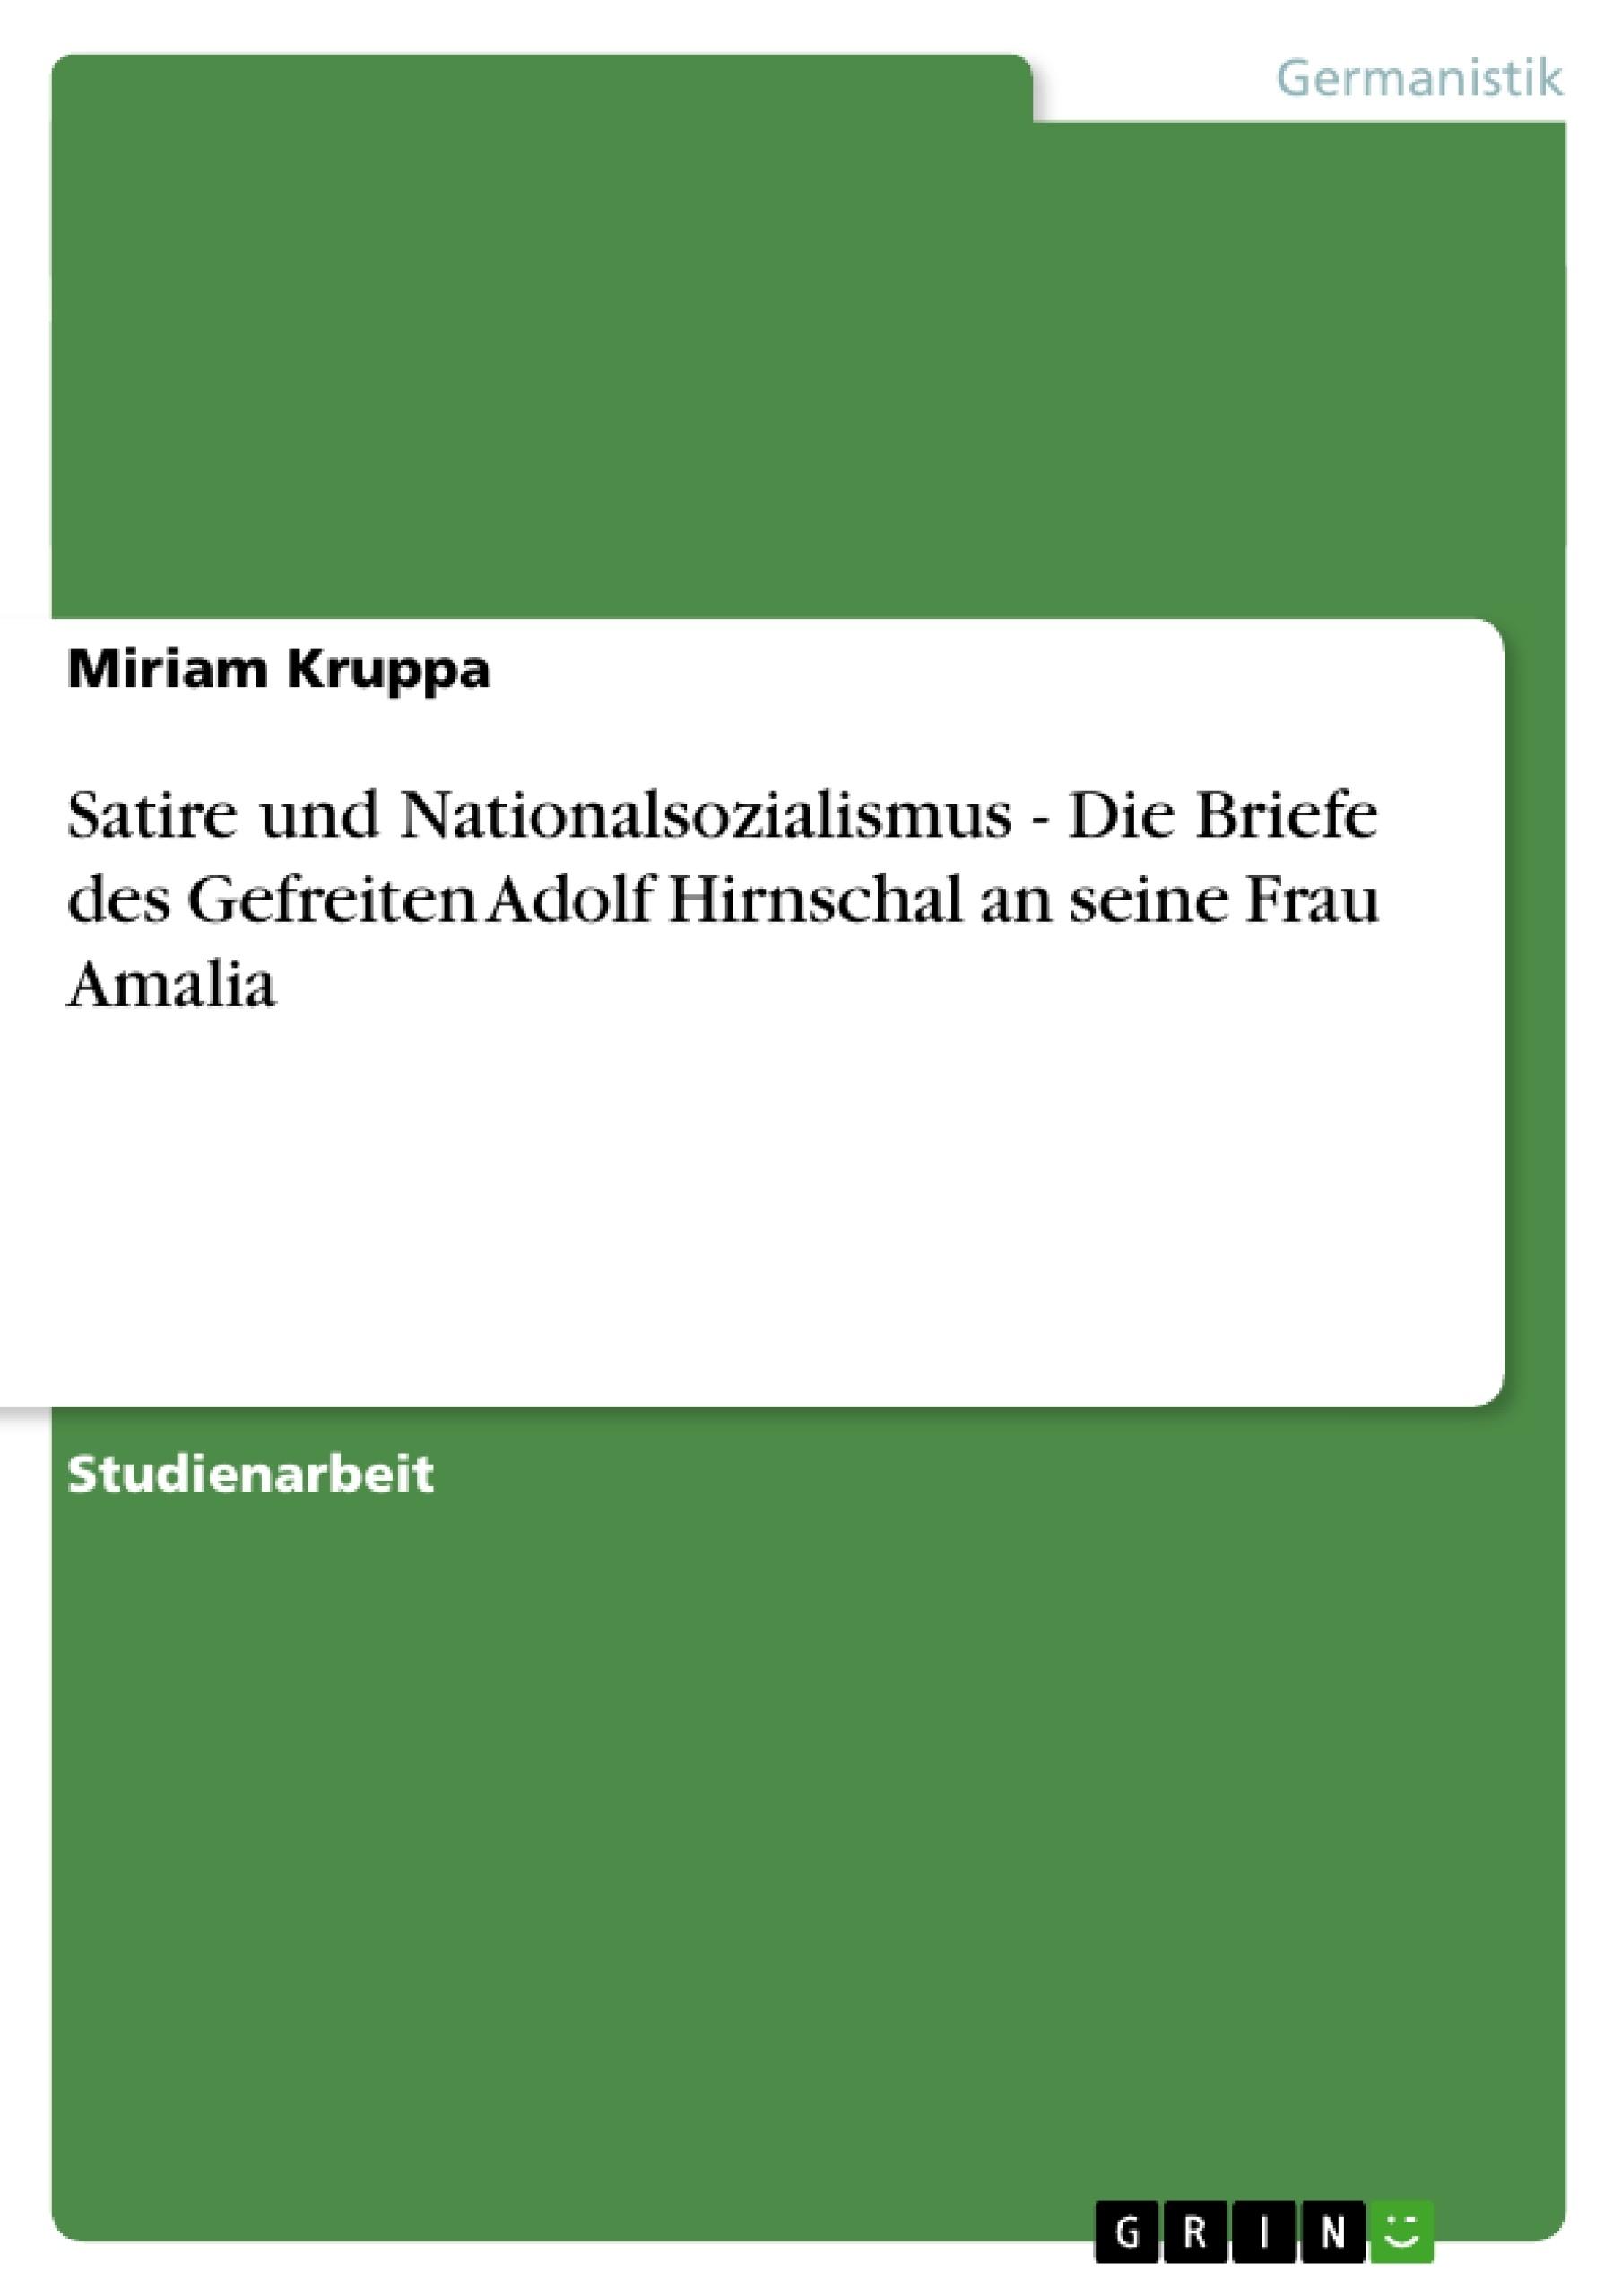 Titel: Satire und Nationalsozialismus - Die Briefe des Gefreiten Adolf Hirnschal an seine Frau Amalia